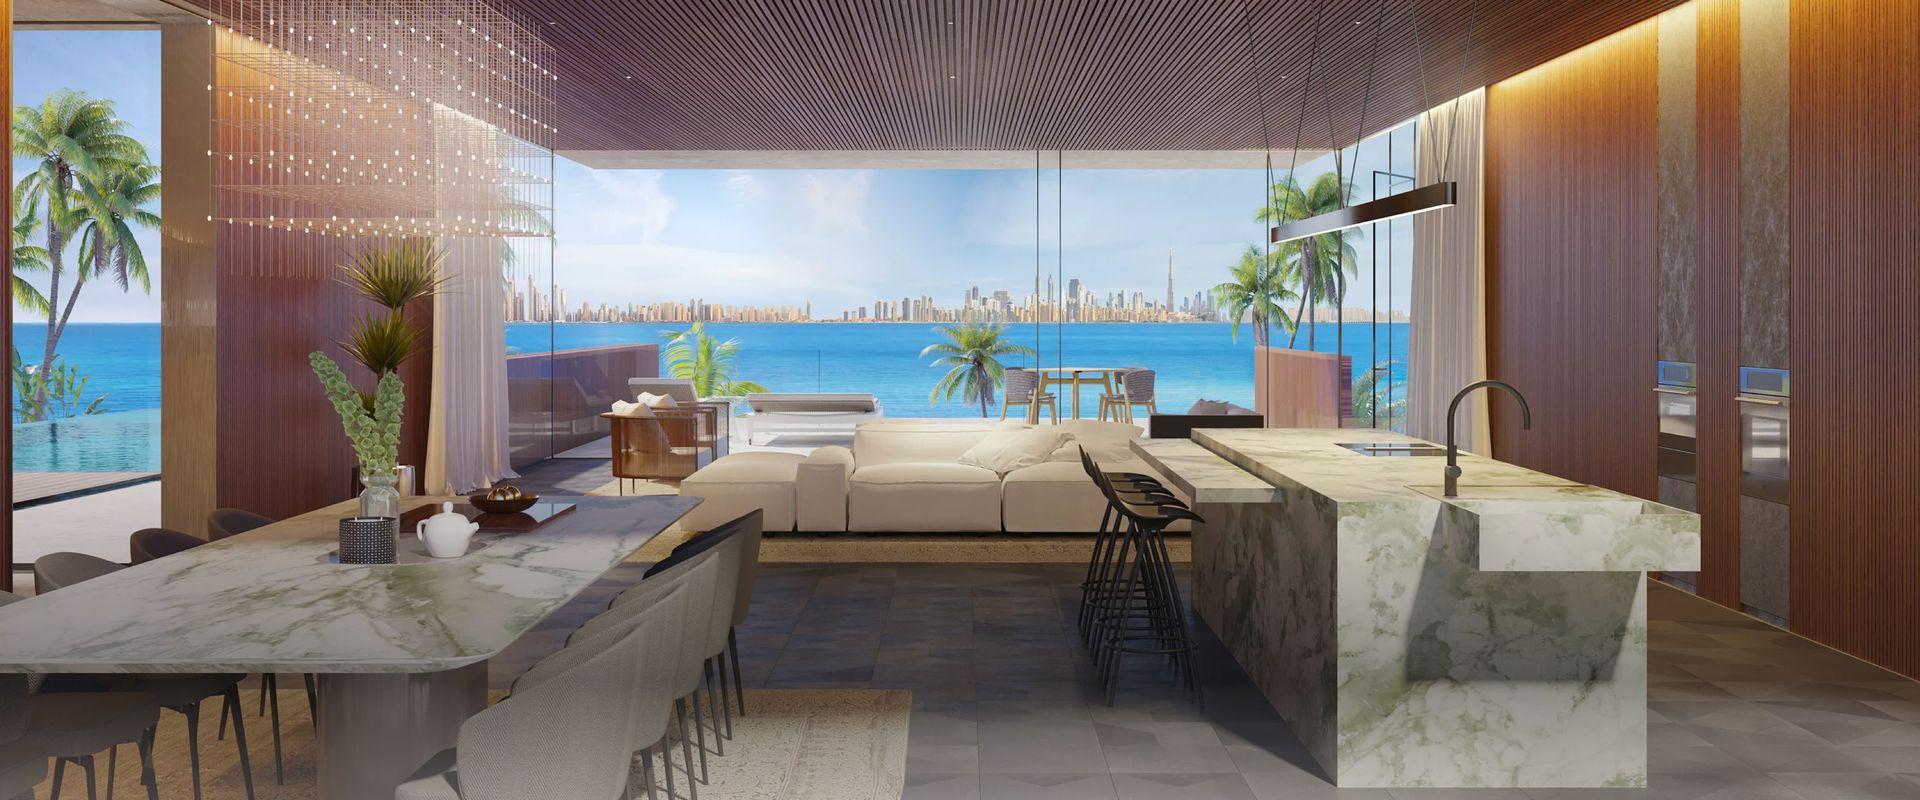 Home - Luxury Lifestyle Awards